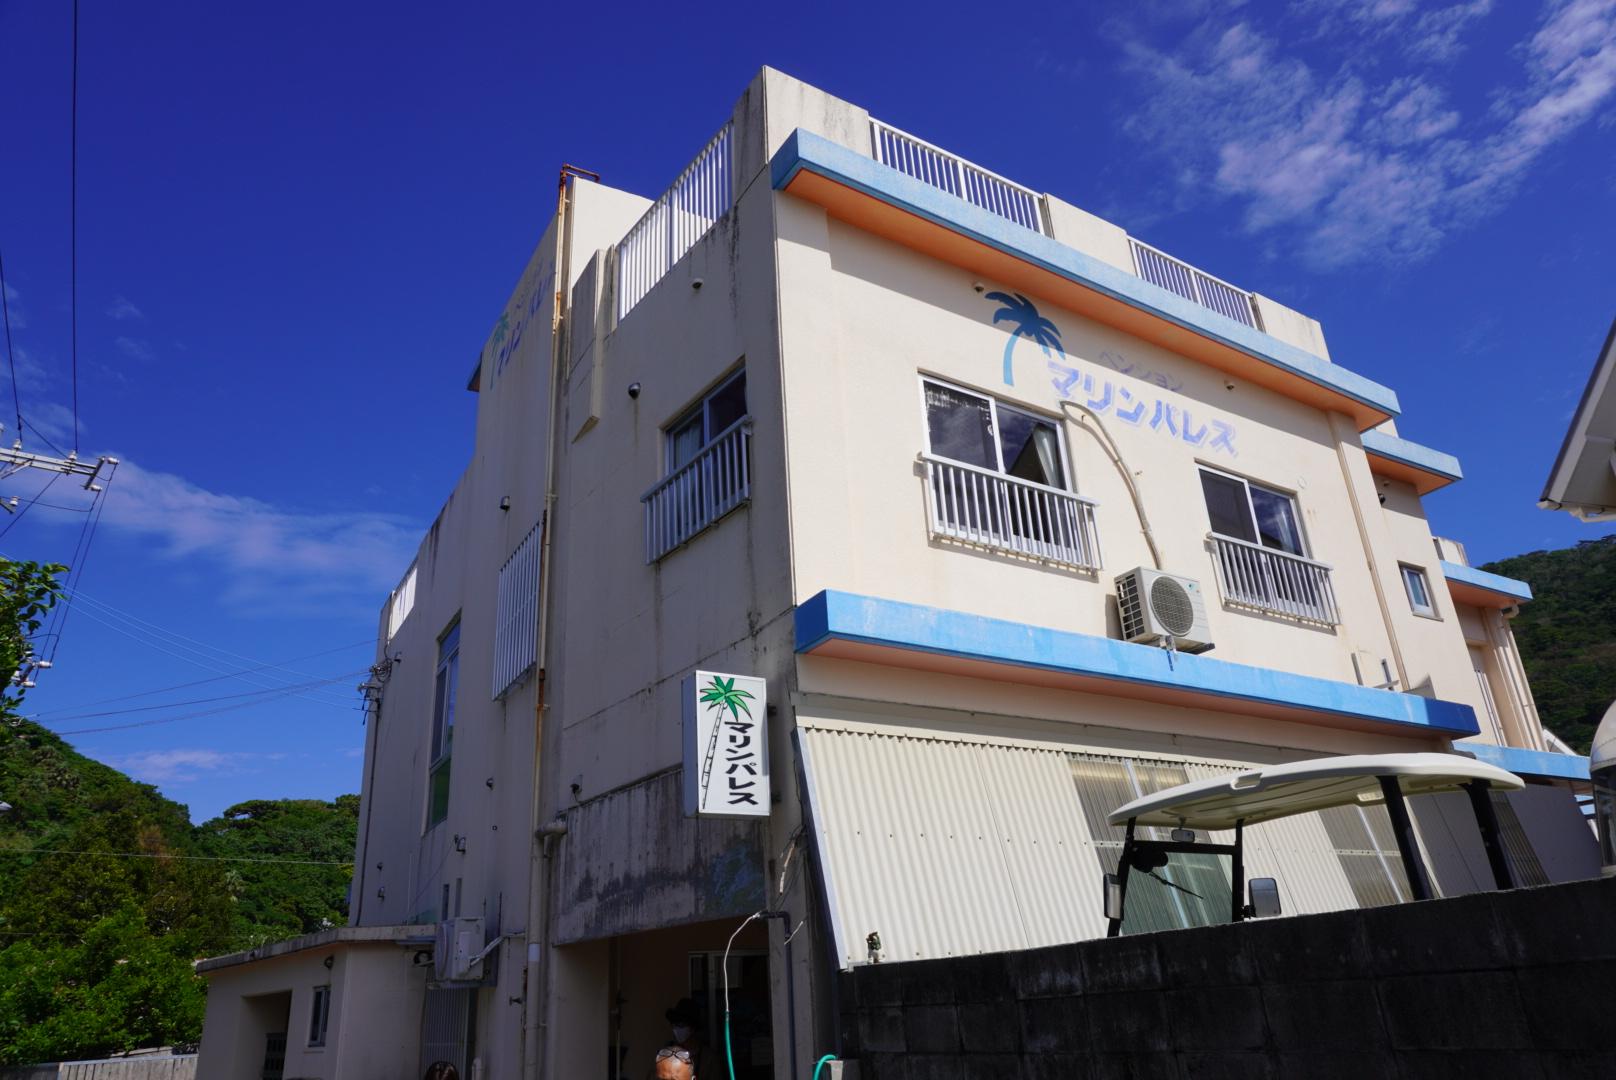 ペンション マリンパレス 渡嘉敷島 おすすめ ホテル 宿泊